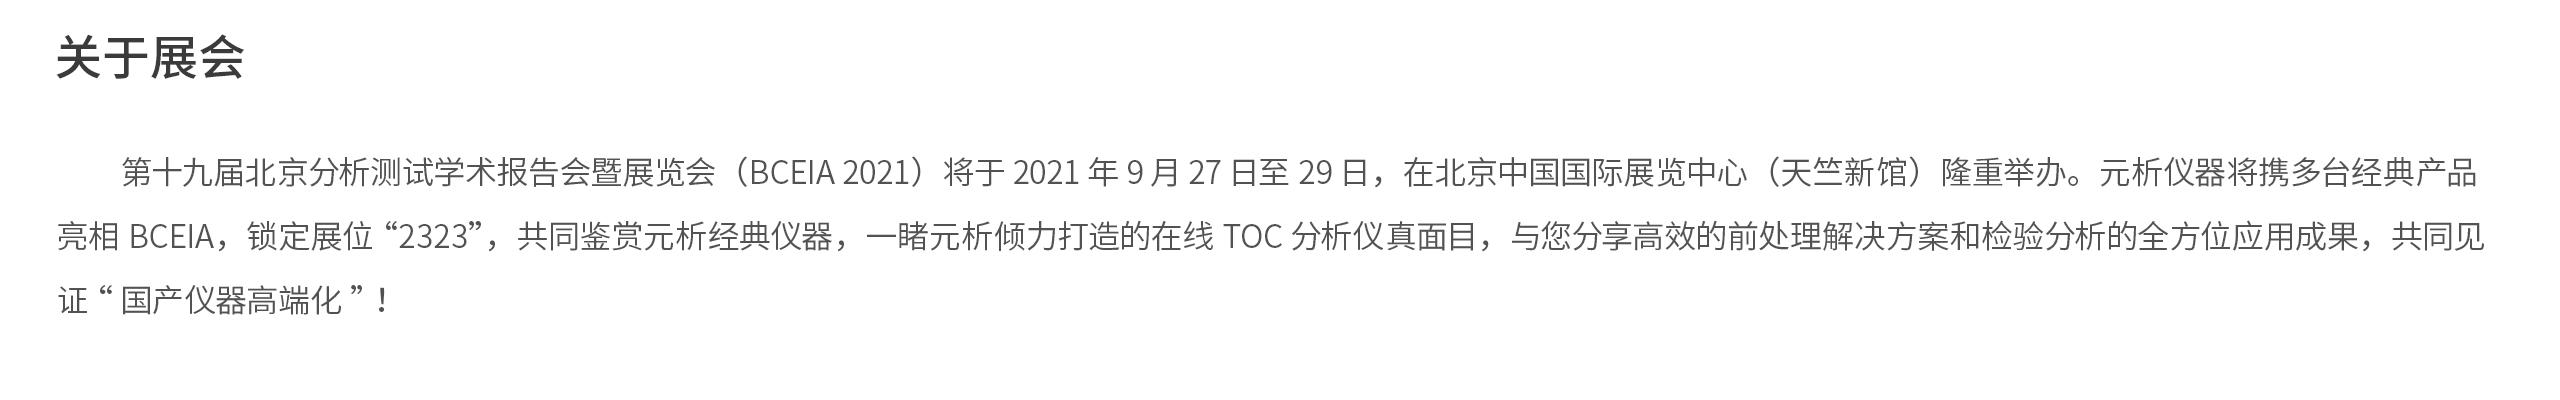 """BCEIA 2021 相约北京,元析将携新品""""炸""""场"""